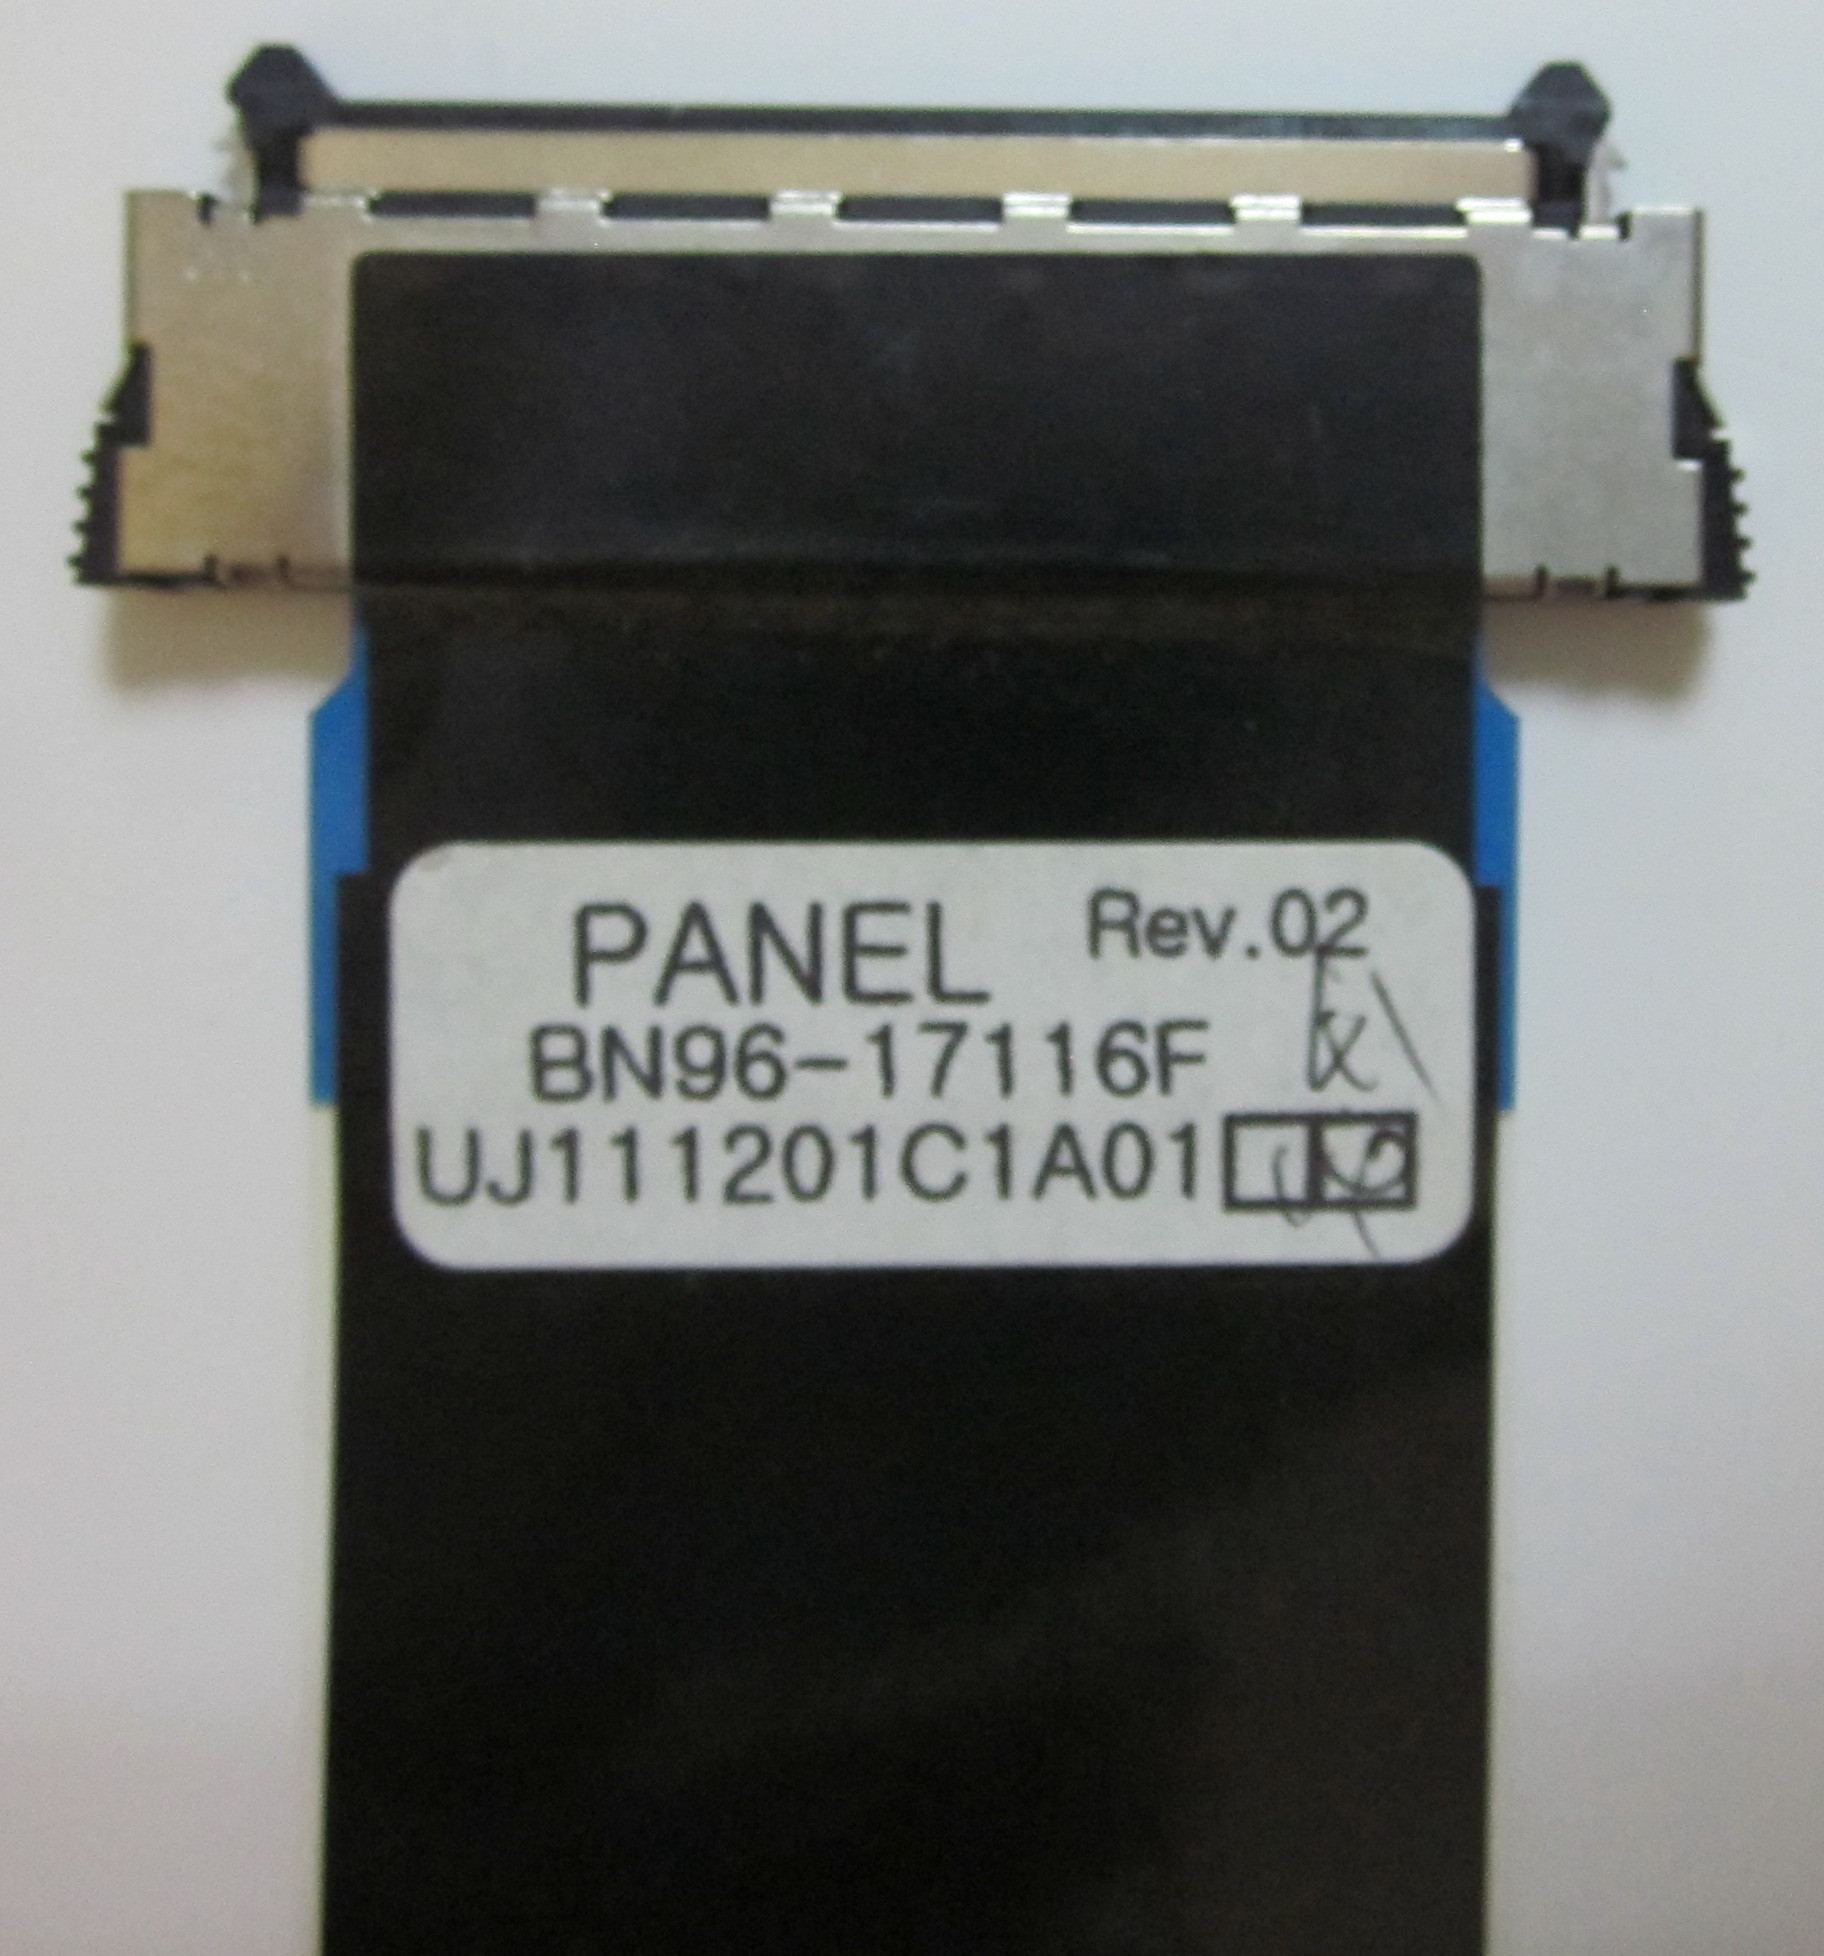 BN96-17116F Rev.02